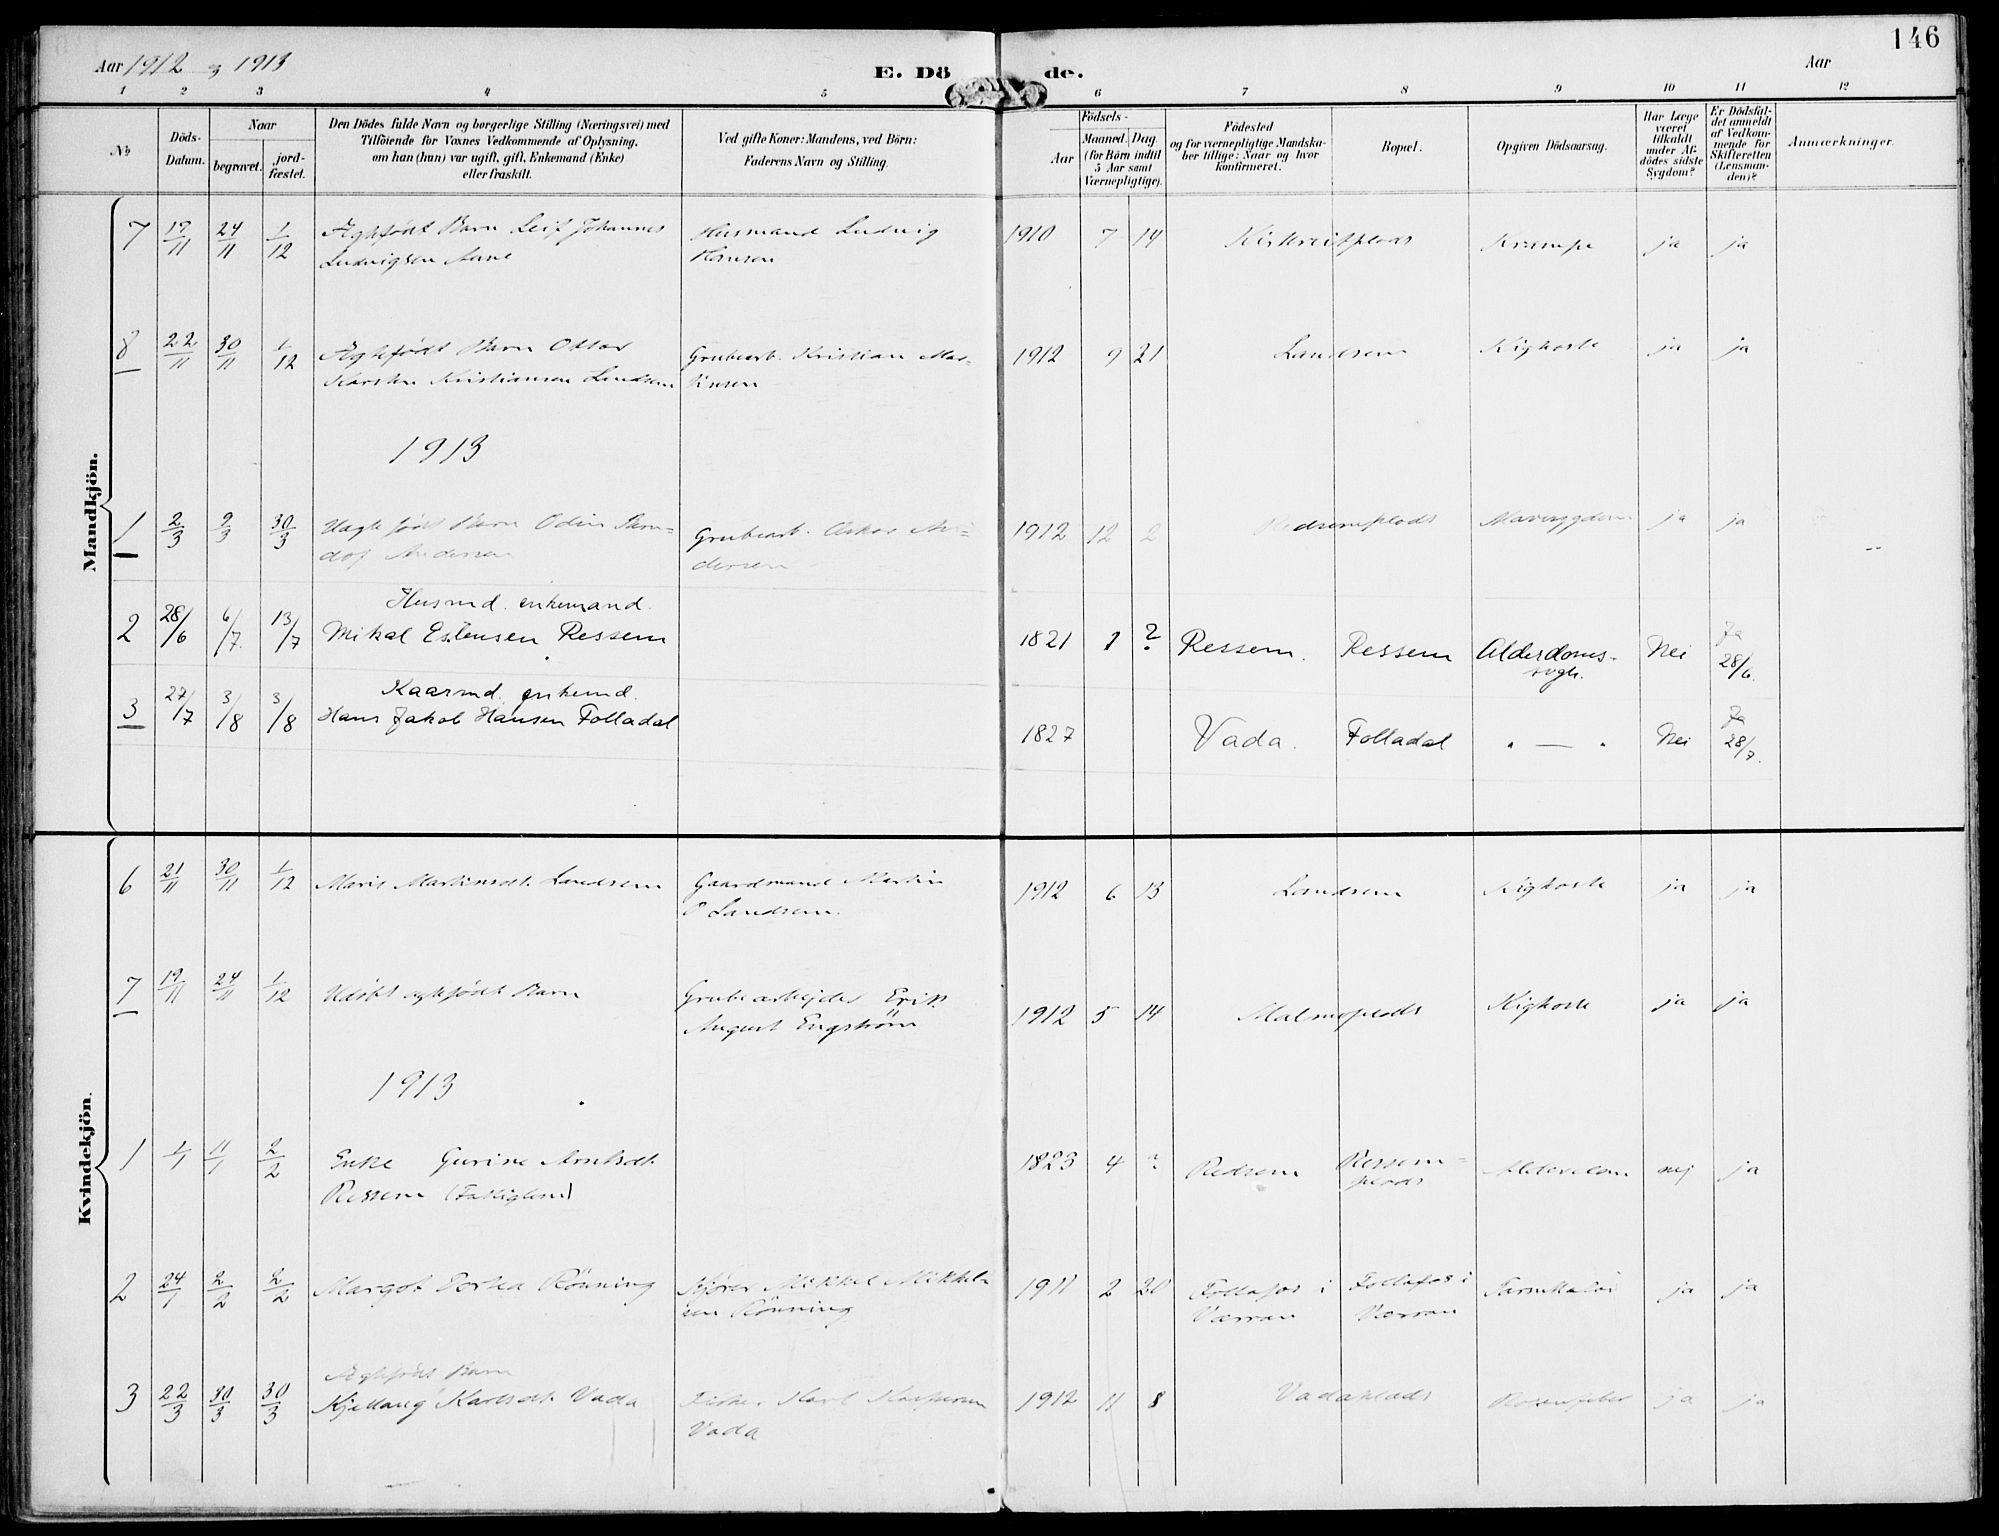 SAT, Ministerialprotokoller, klokkerbøker og fødselsregistre - Nord-Trøndelag, 745/L0430: Ministerialbok nr. 745A02, 1895-1913, s. 146